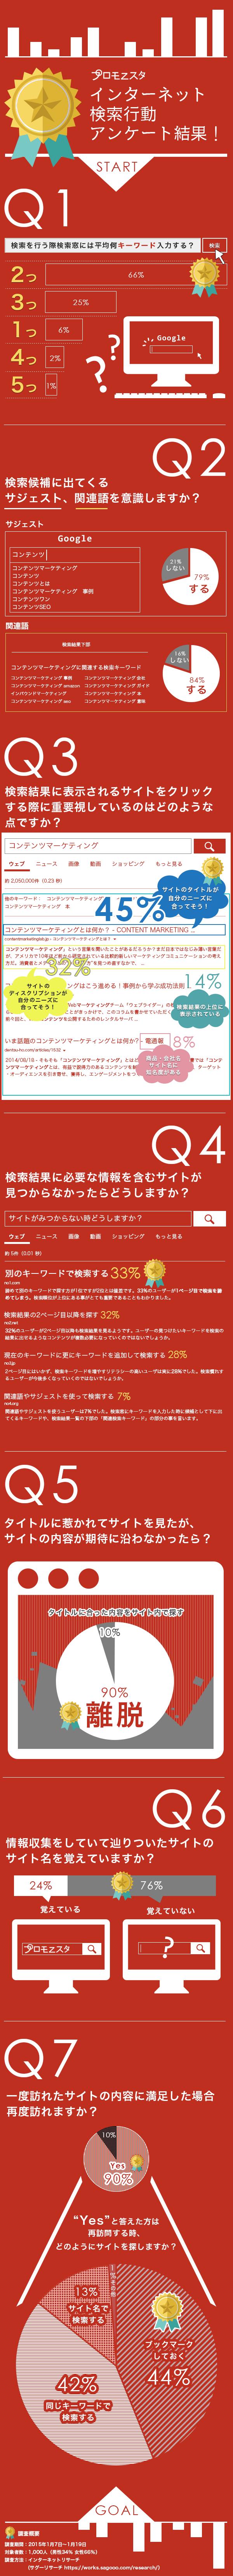 2015年度検索行動調査